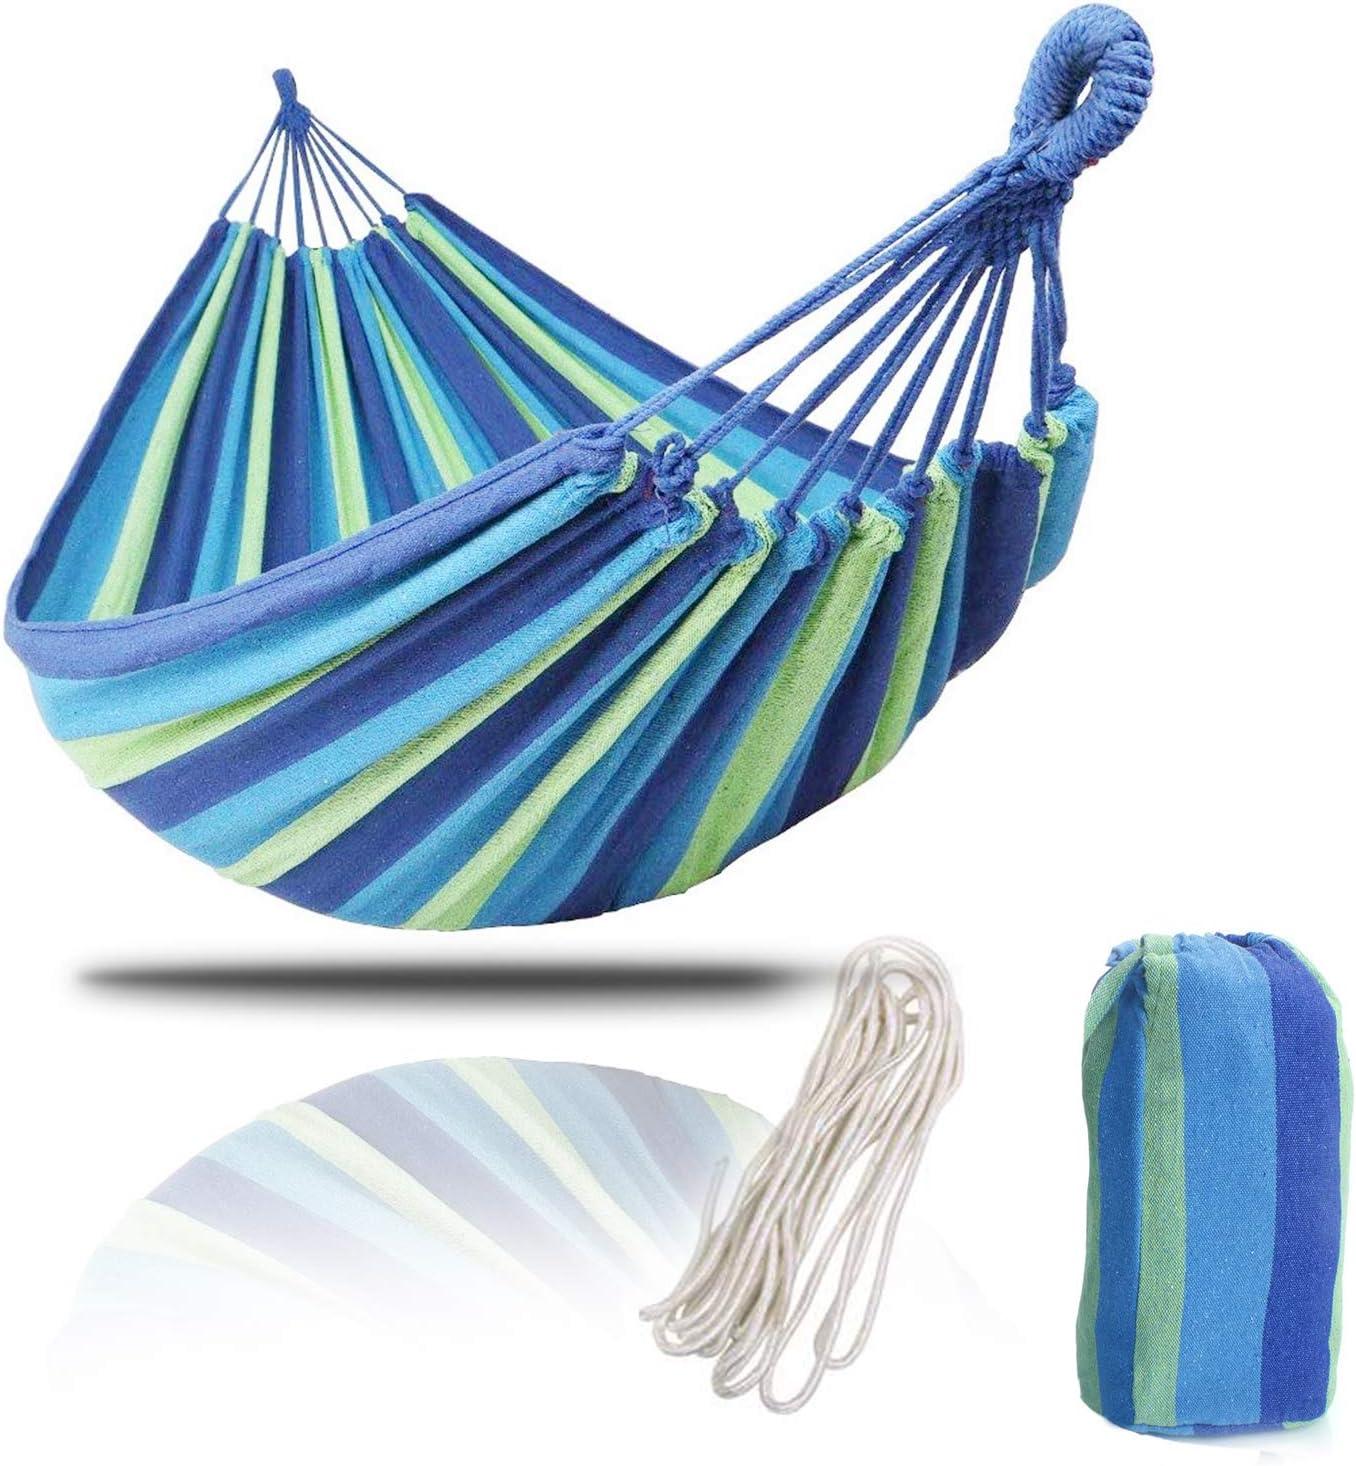 KEPEAK - Hamaca de algodón para Exteriores, 2,8x 1,4m, Capacidad de Carga de hasta 240kg, portátil con Bolsa de Transporte, para excursiones, cámping, jardín, Color Azul